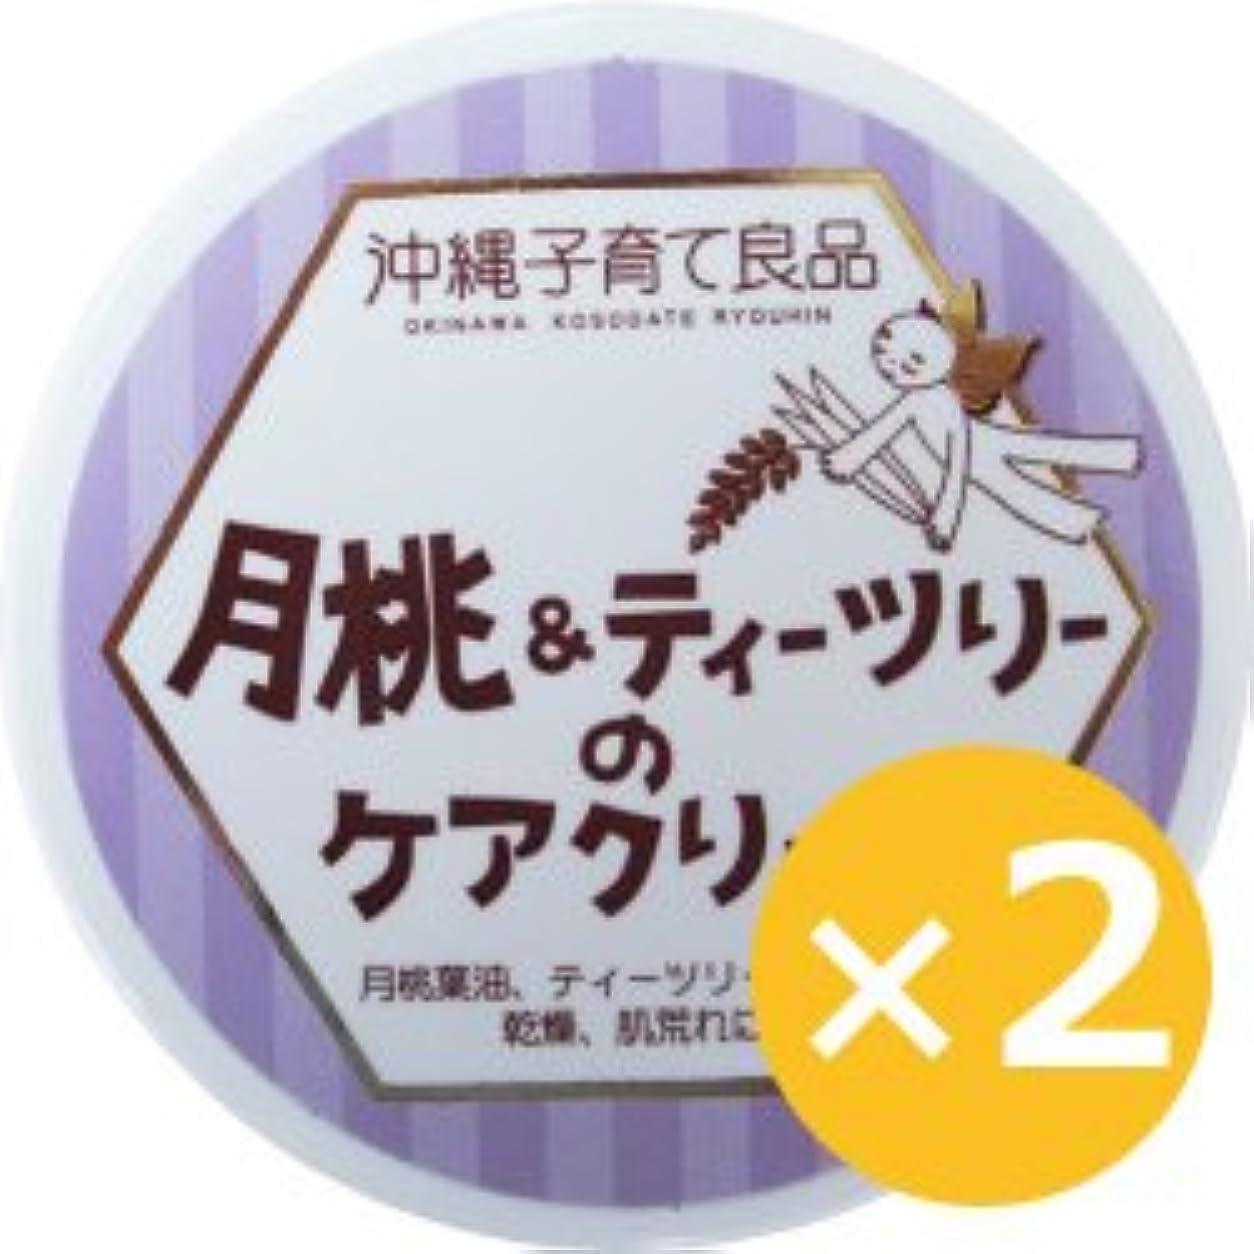 一握りシネウィカビ月桃&ティーツリークリーム 25g×2